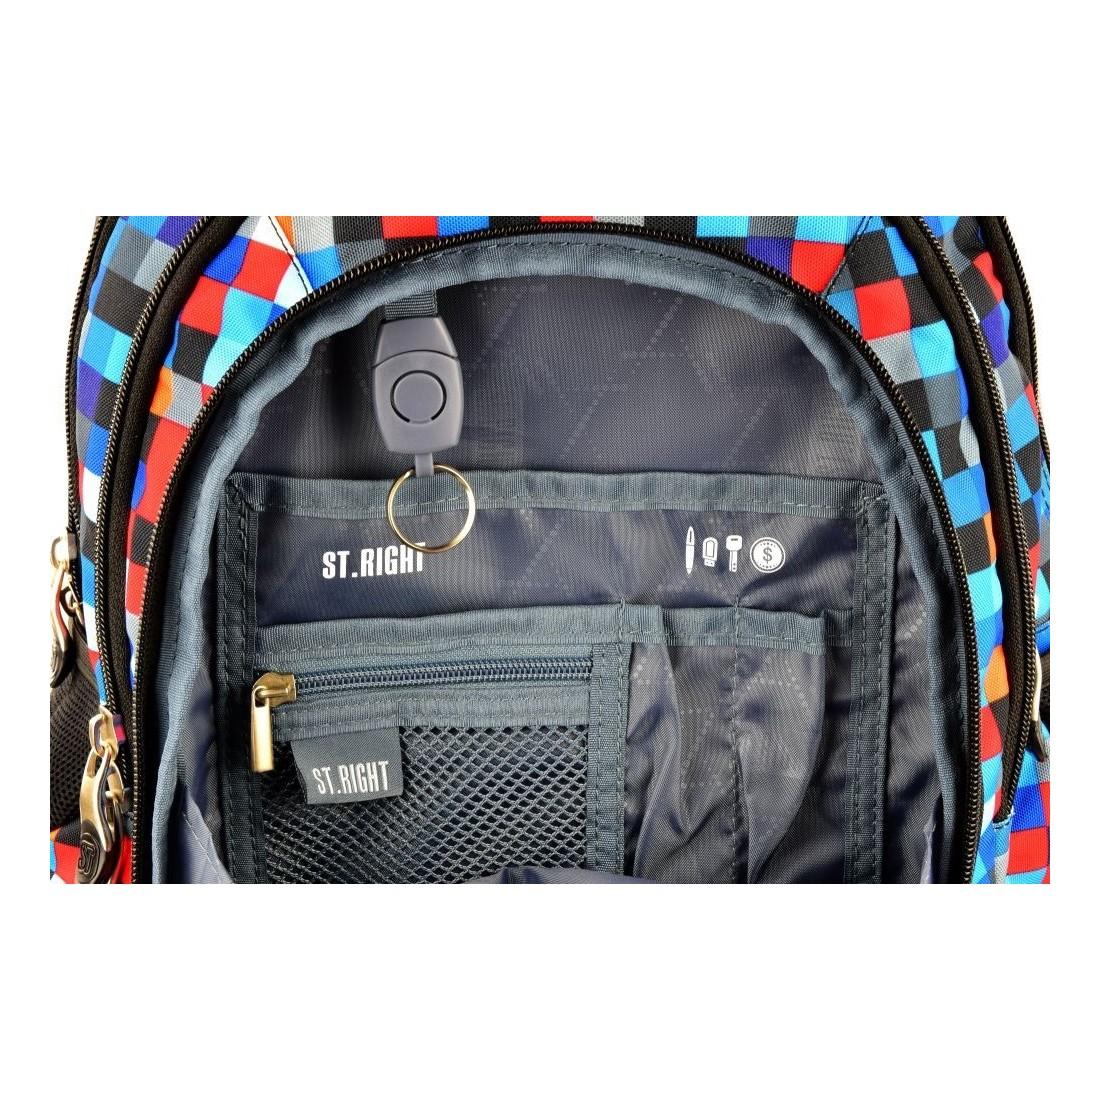 Plecak młodzieżowy 04 ST.RIGHT PIXELMANIA BLUE niebieskie piksele